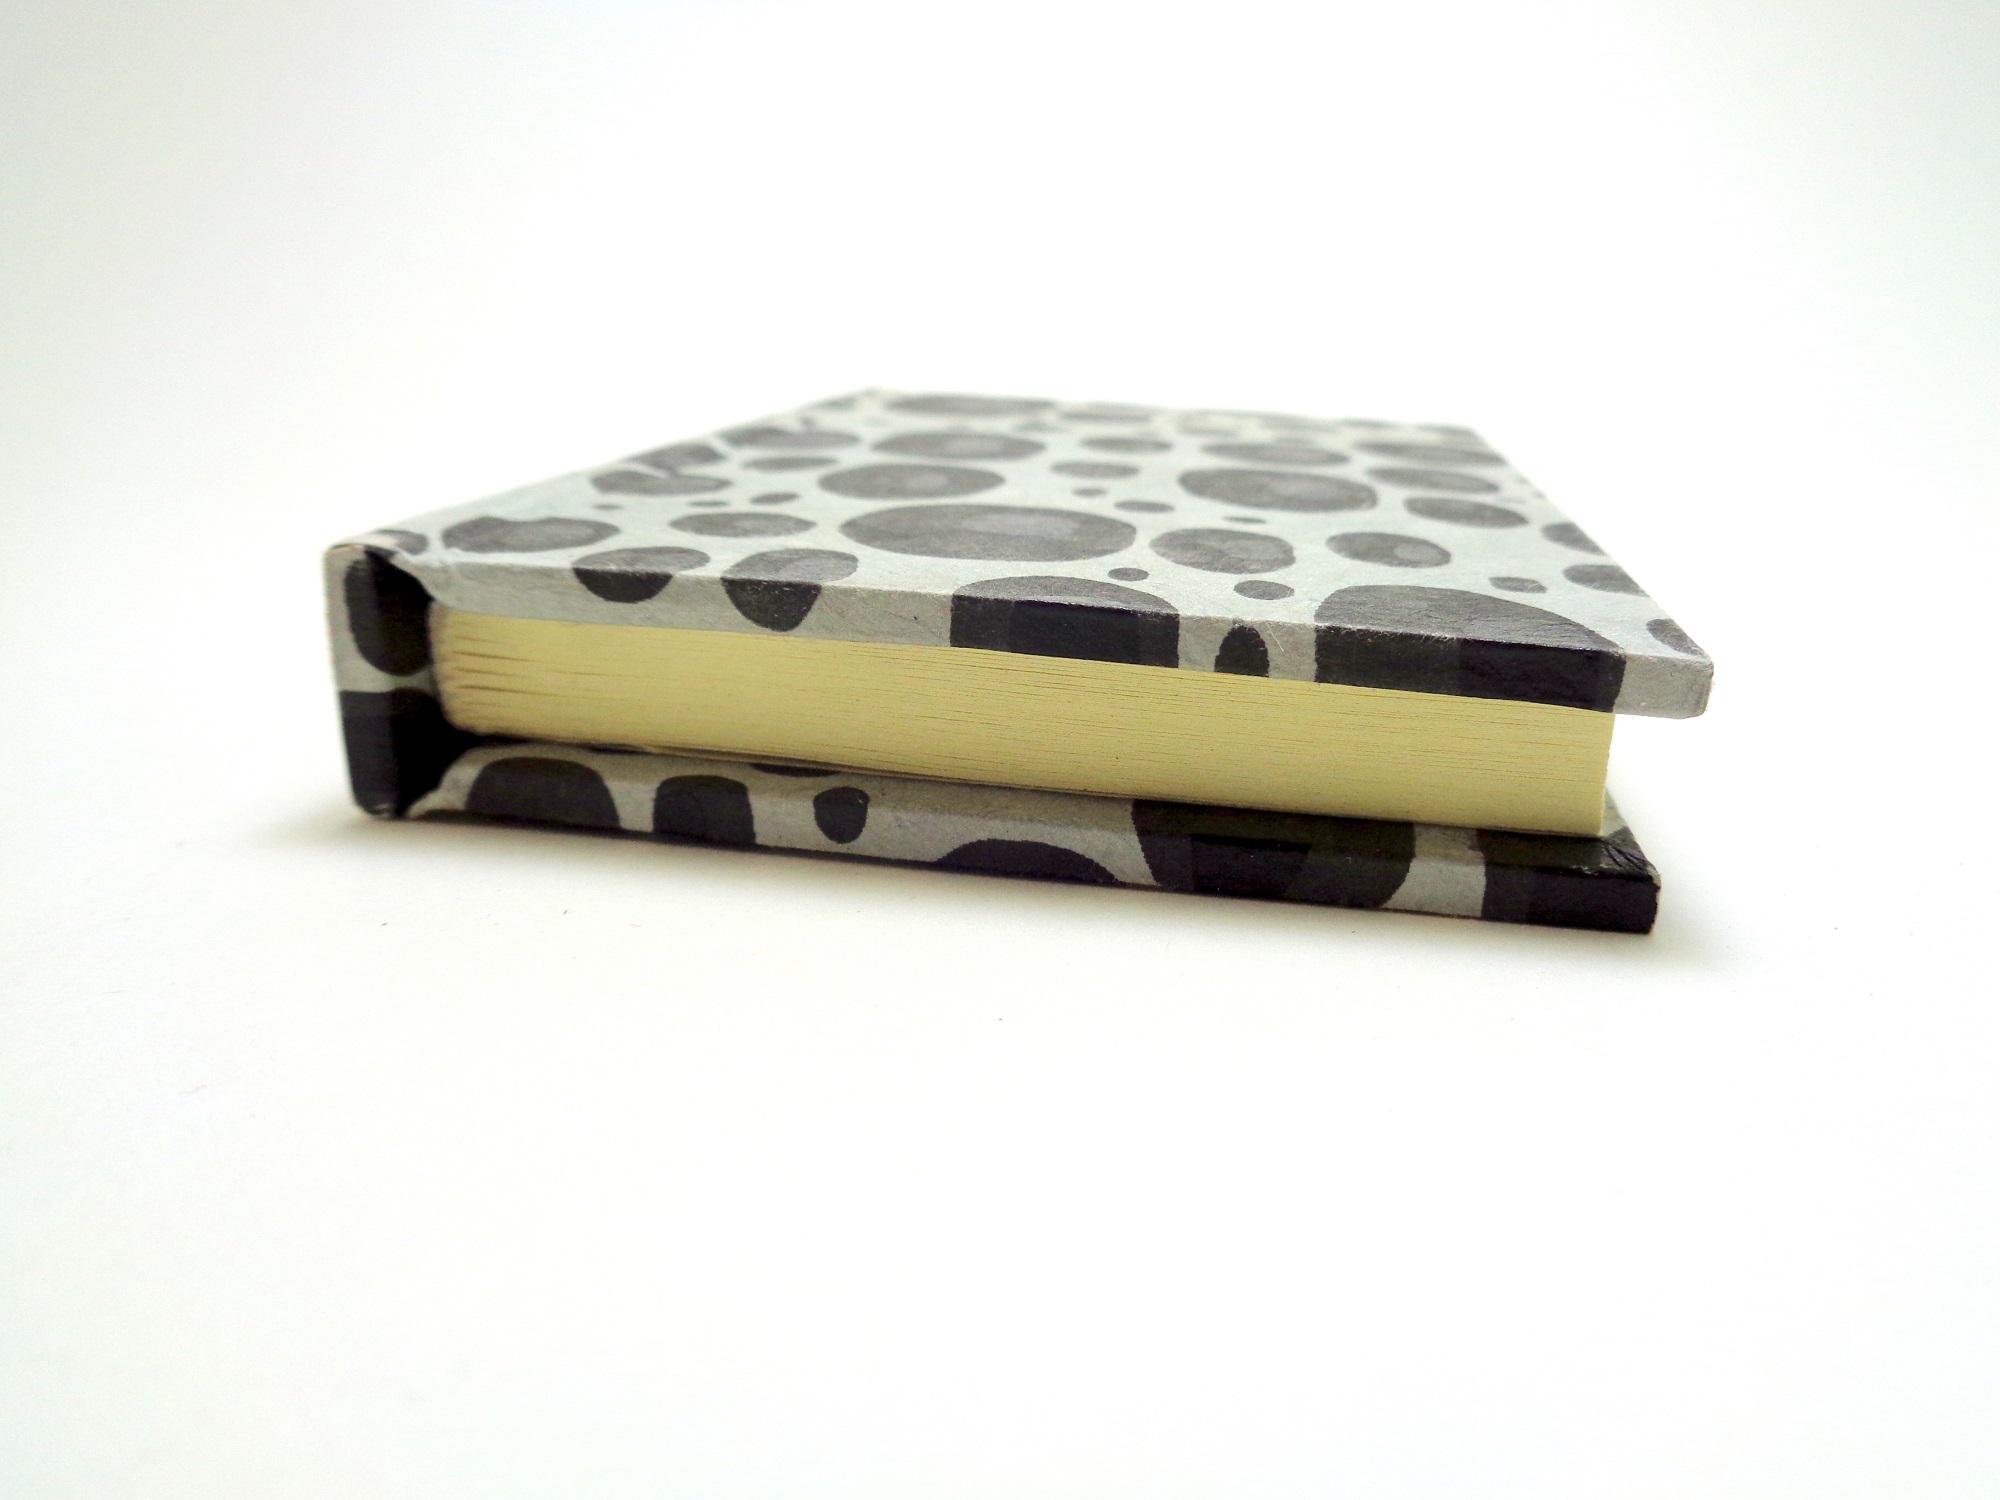 petit carnet de poche 6 8 cm x 10 5 cm gris galets 128 pages cartons patte d 39 f. Black Bedroom Furniture Sets. Home Design Ideas